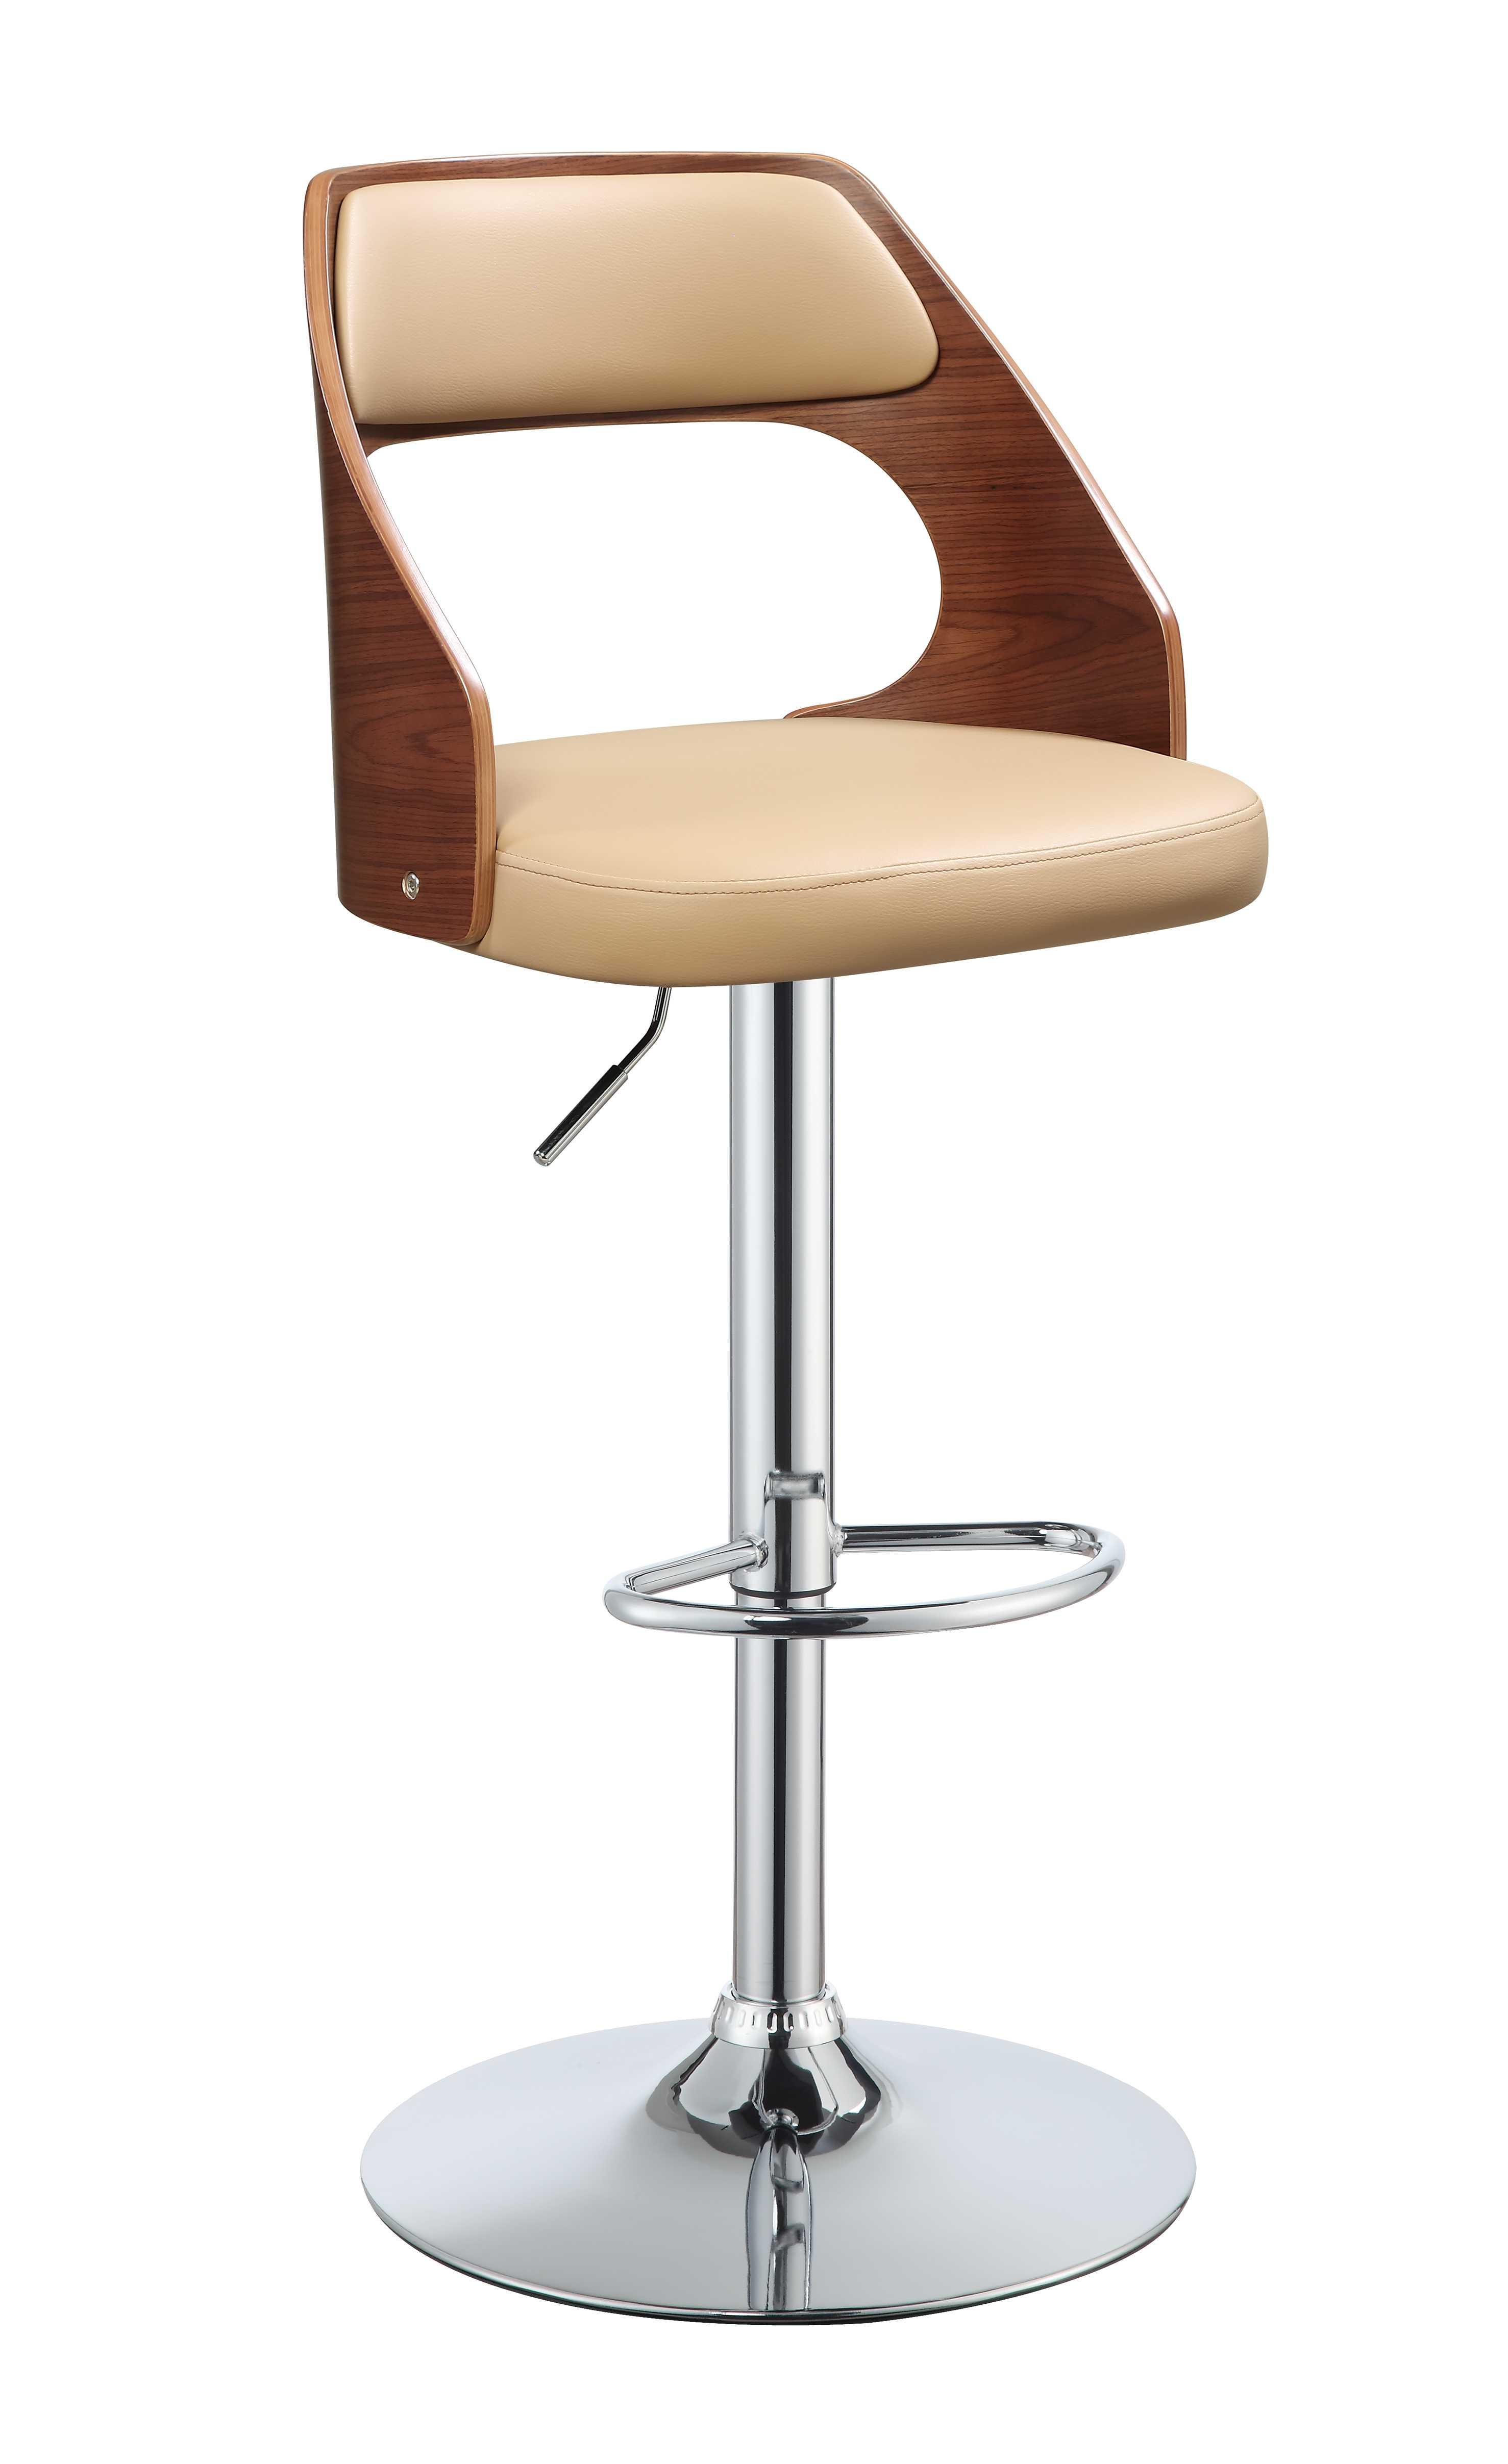 """33"""" Sleek Walnut Finish Tan Faux Leather Adjustable Swivel Bar Stool with Chrome Base"""